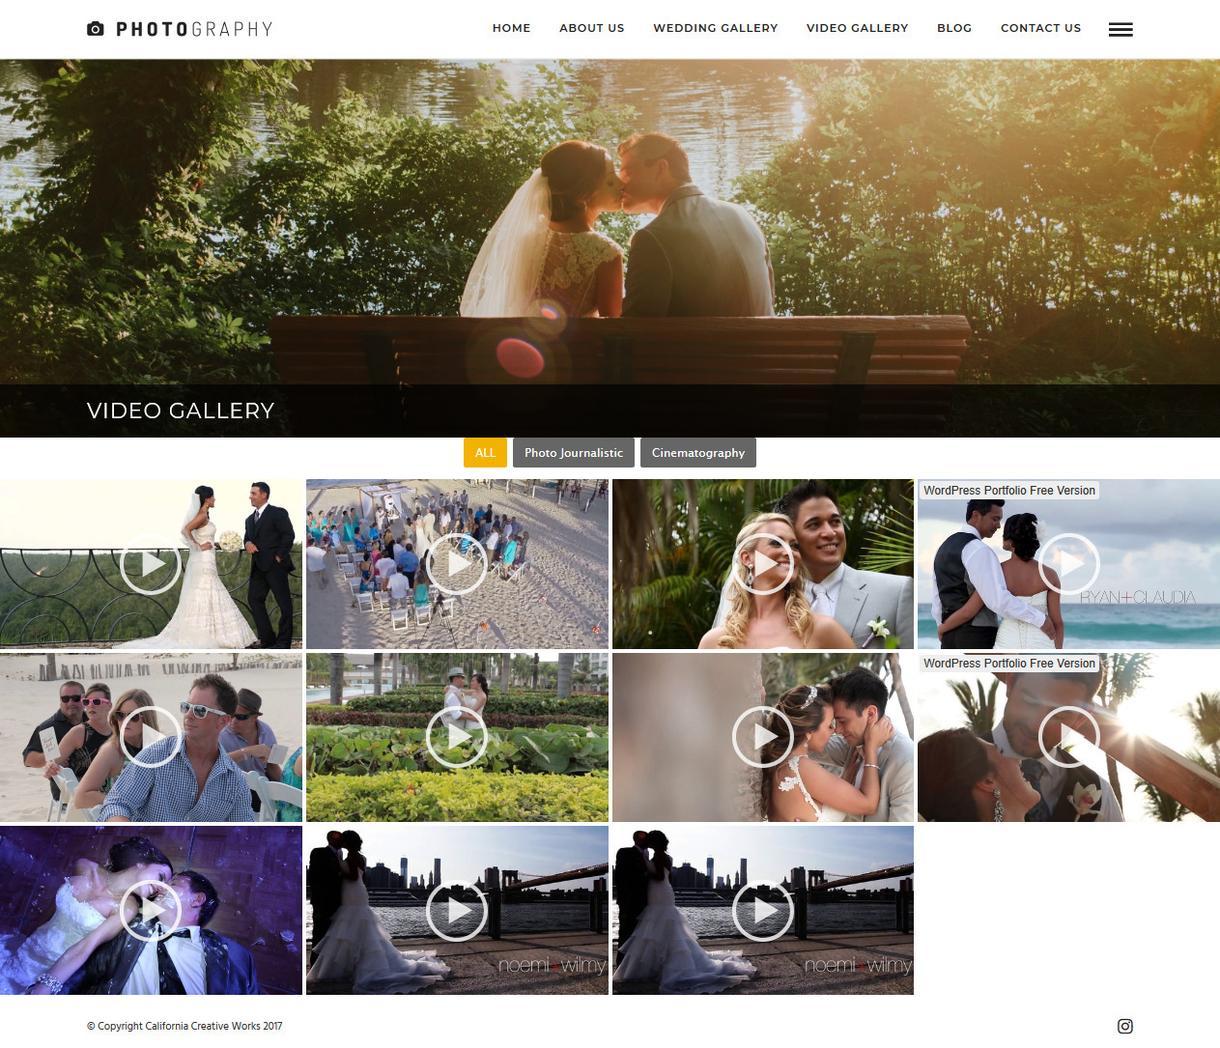 レスポンシブデザインのウェブサイトを制作します フルビデオスクリーンでプロフェッショナルな仕上がりに!